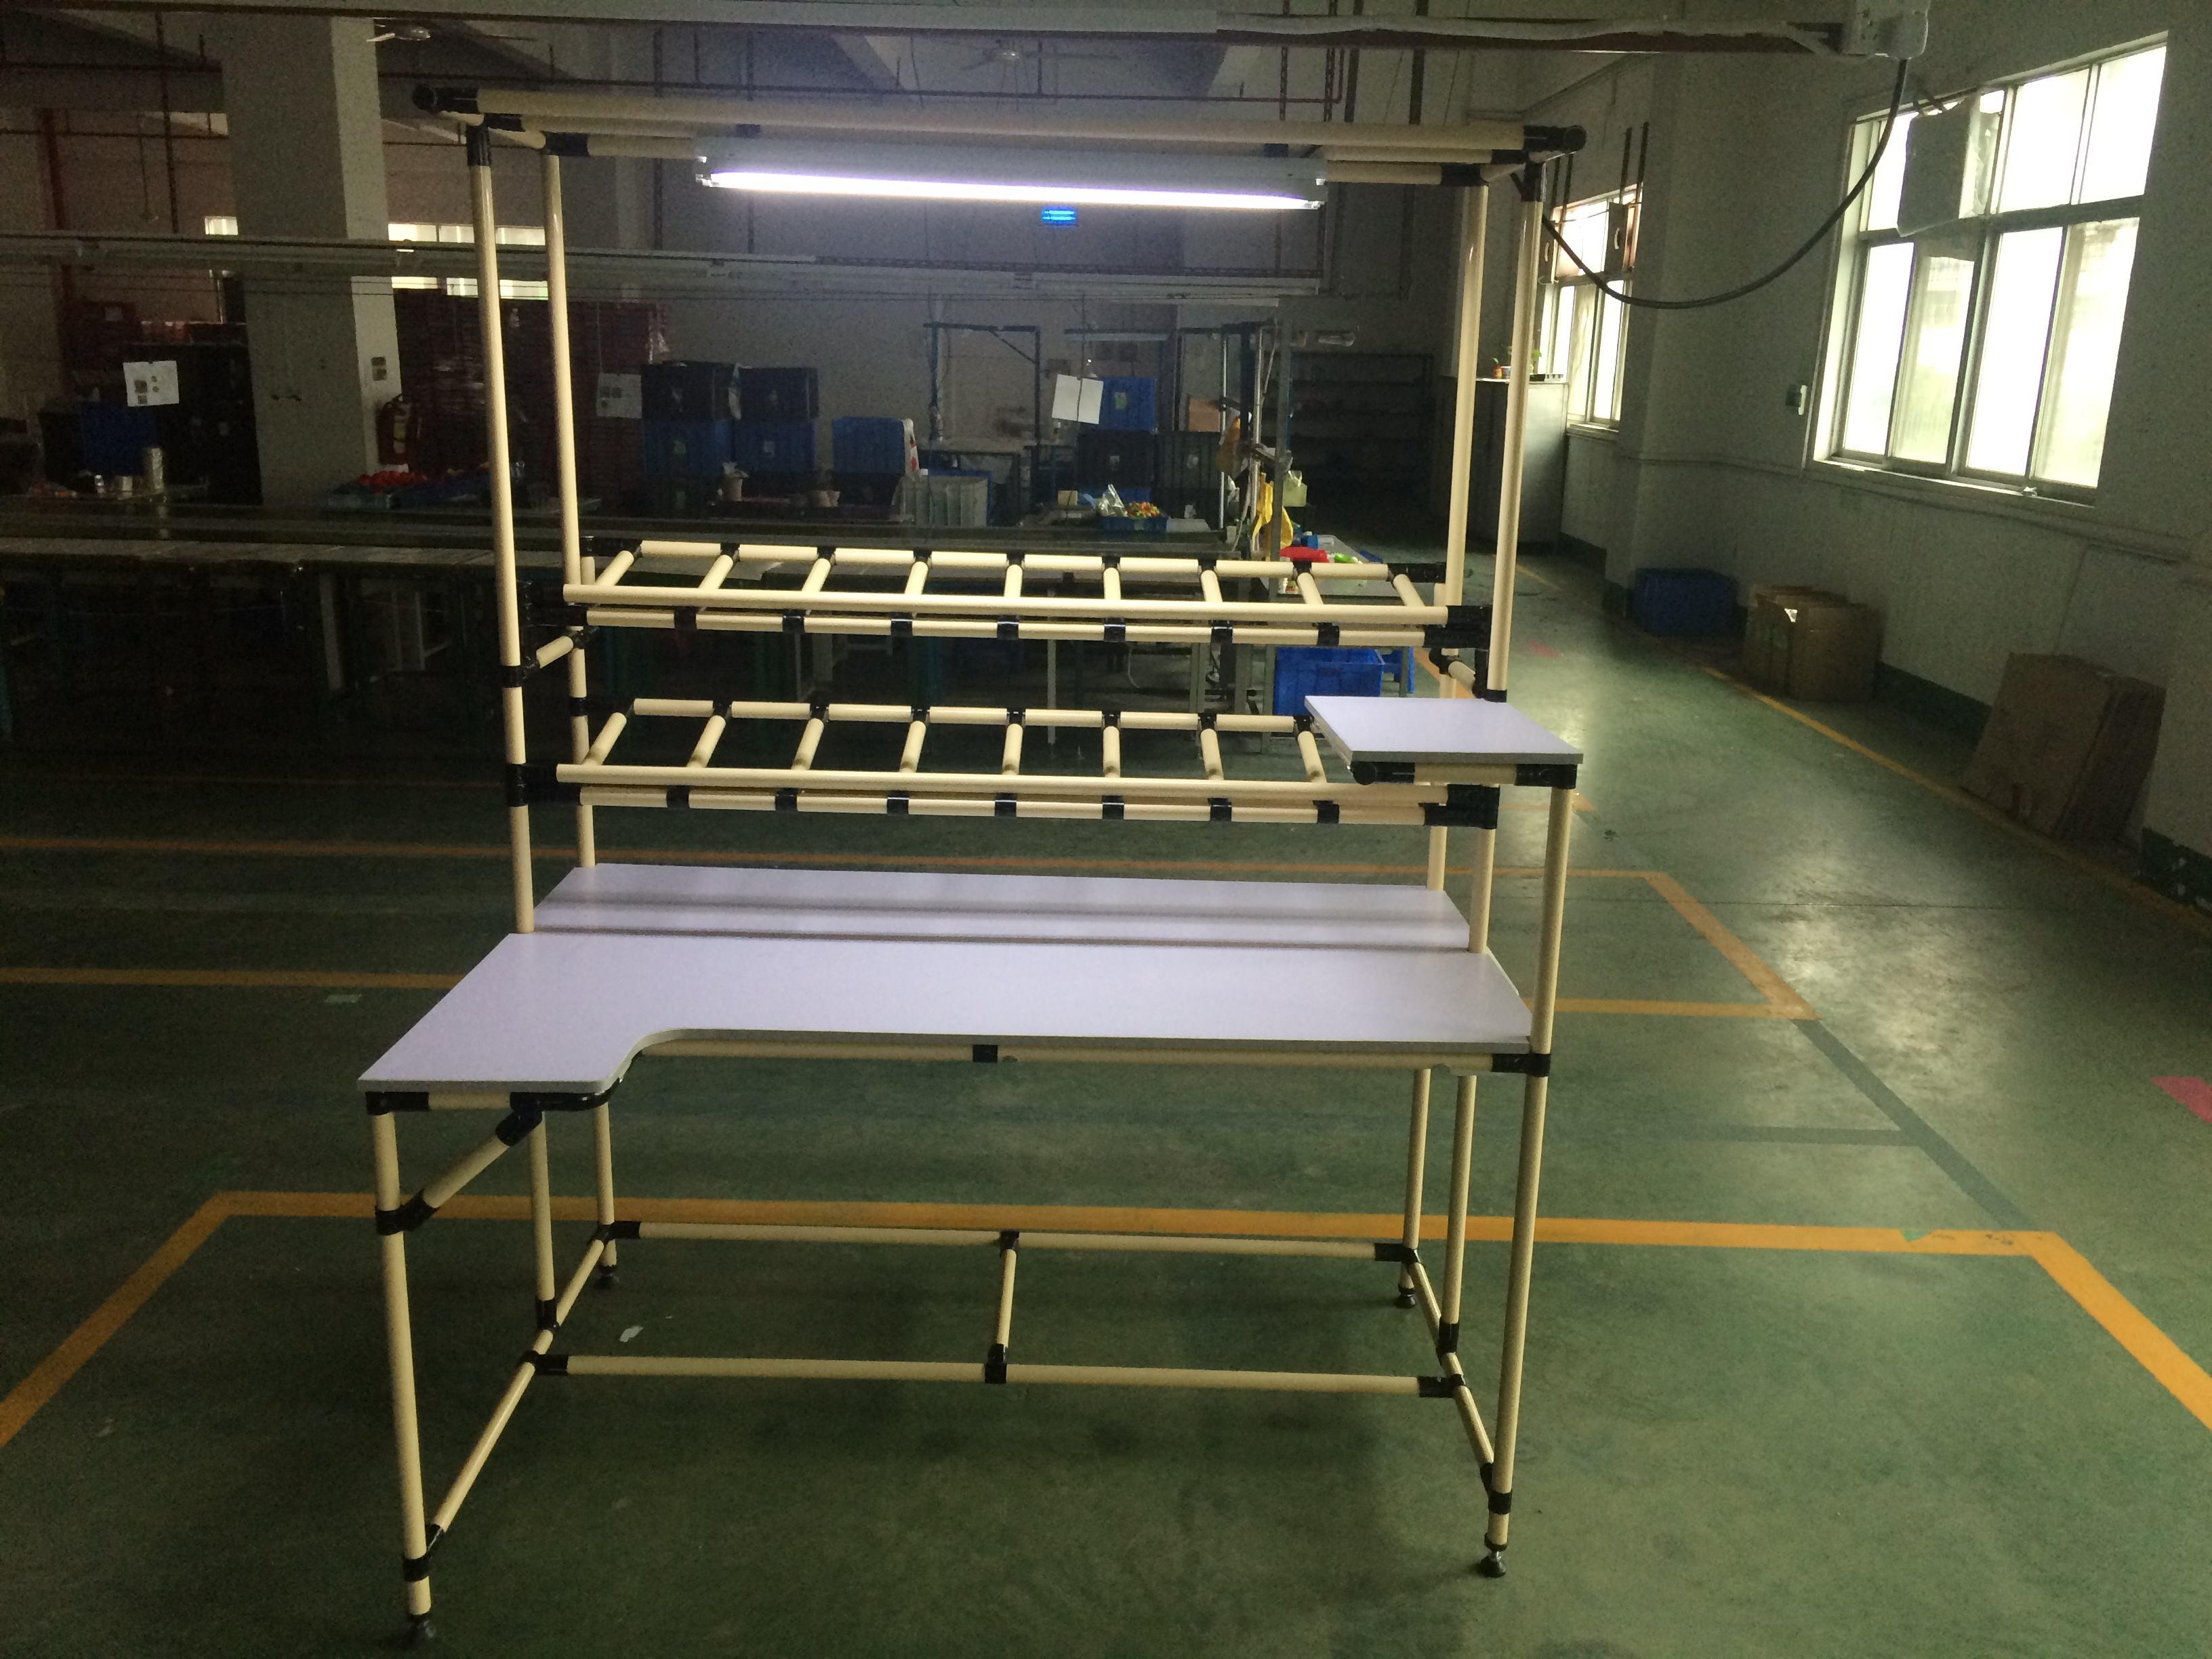 防静电工作台传动带车间生产线工作台-2020-07-29-04